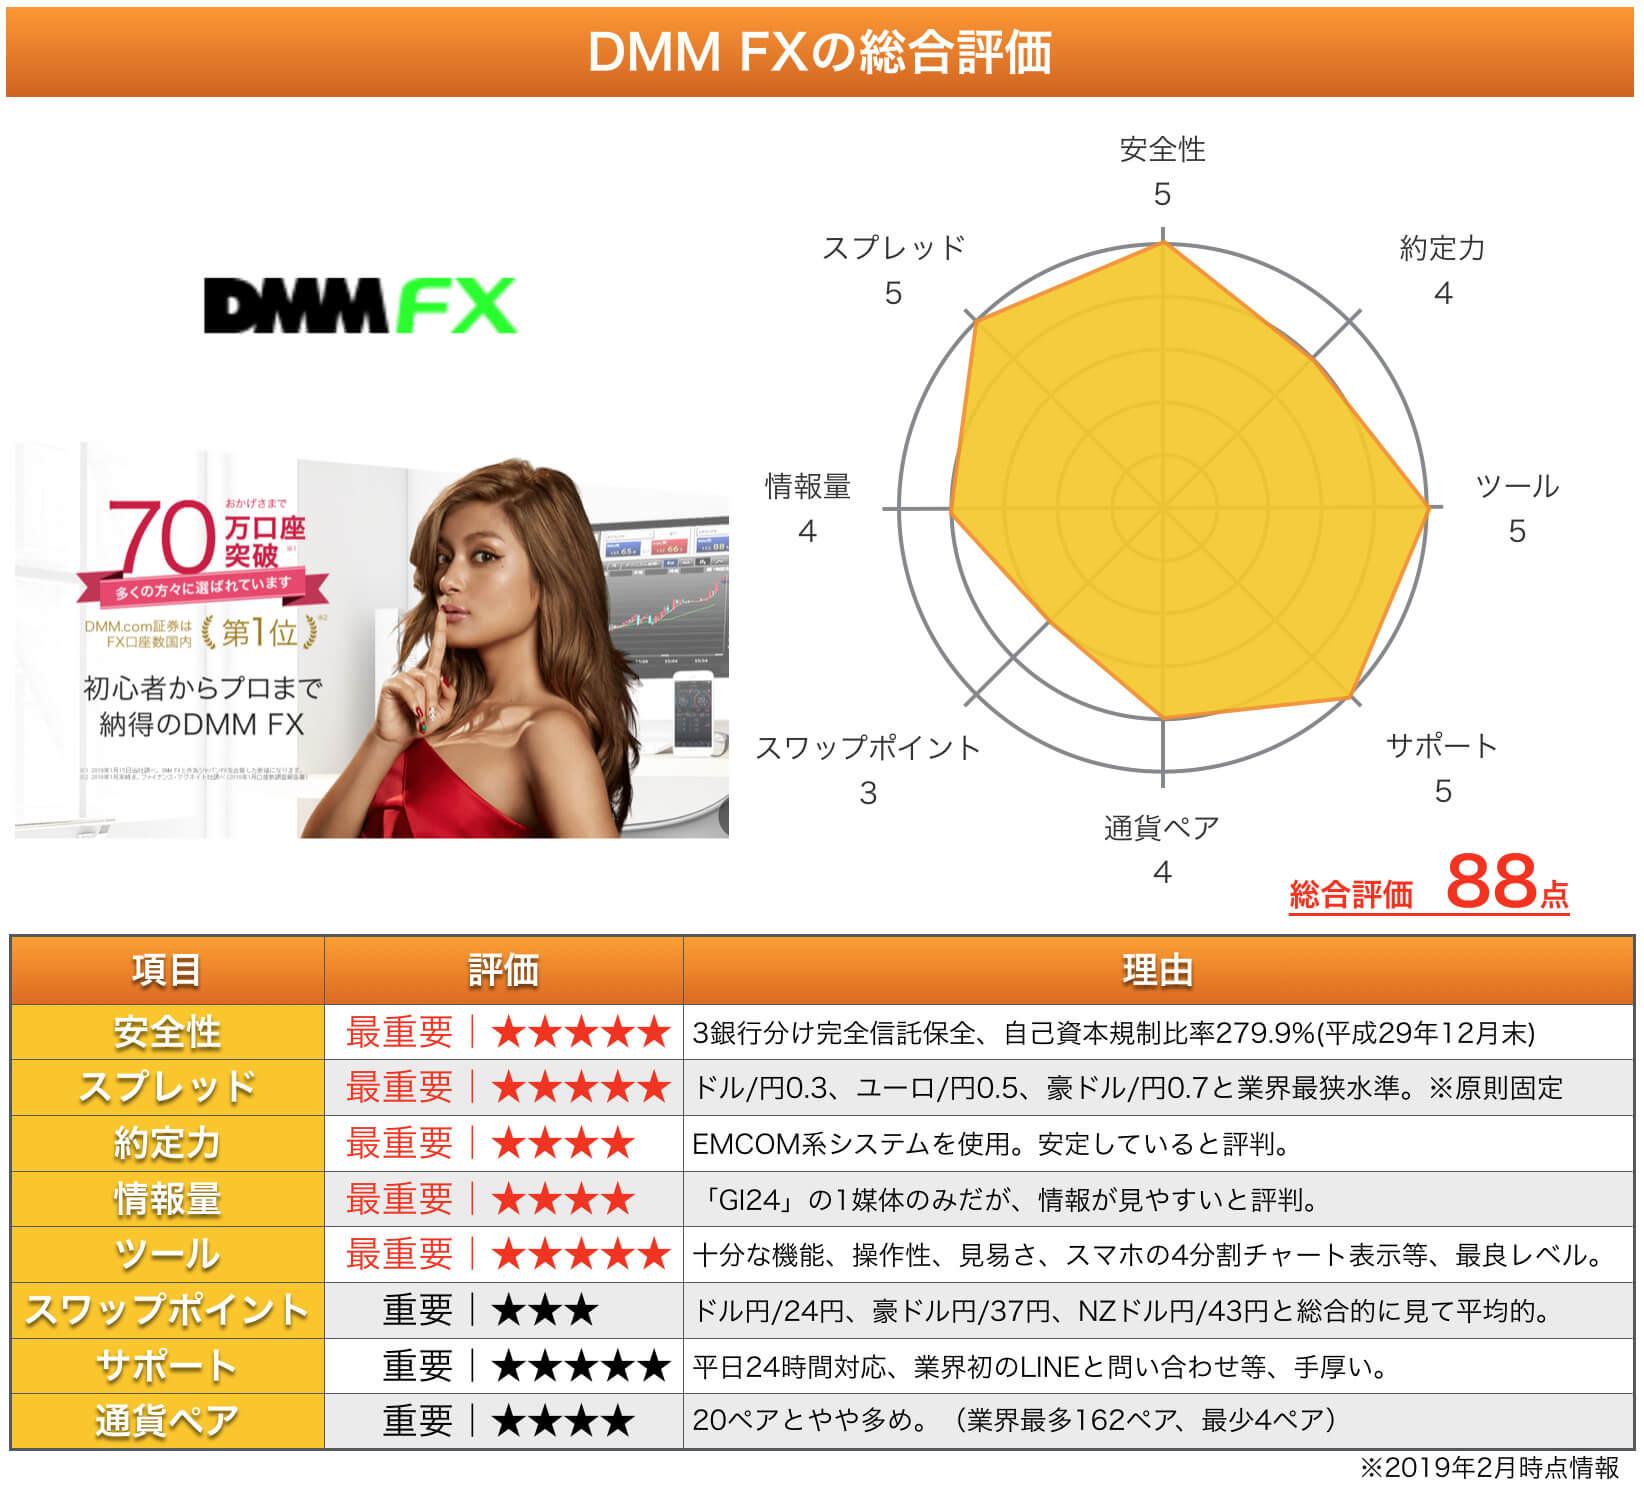 DMM FXの総合評価